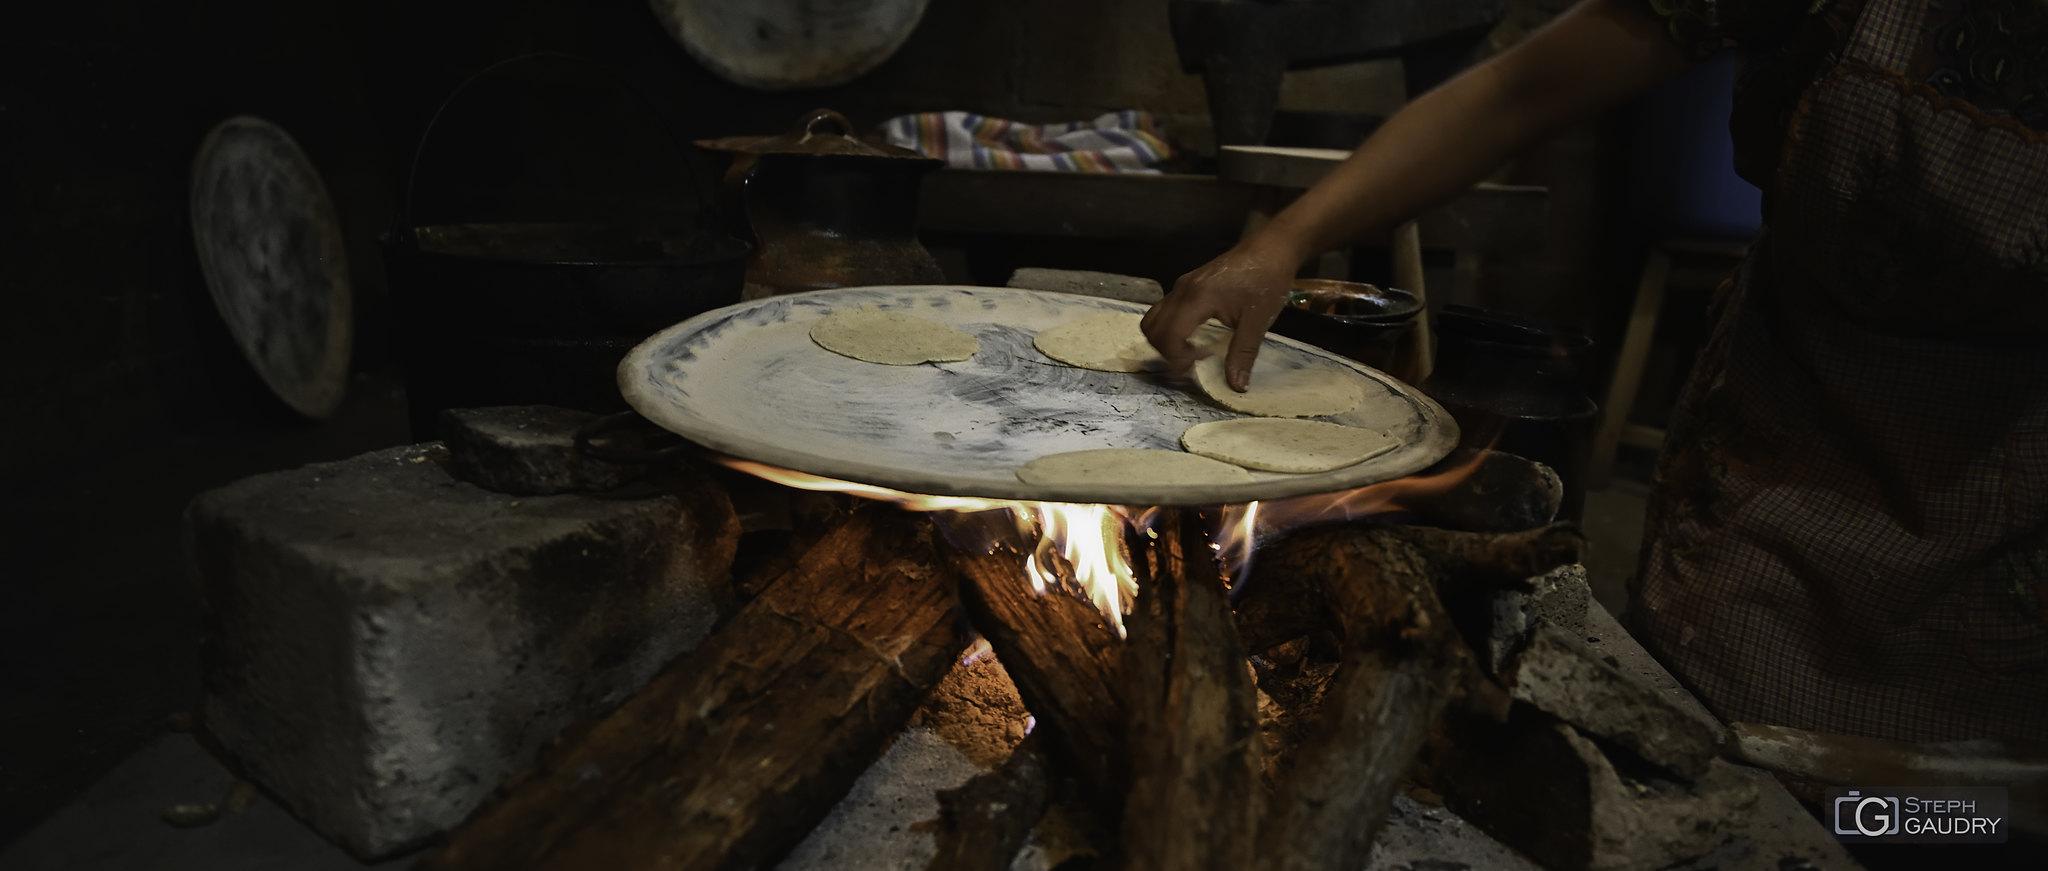 Tacos mexicanos - cocinar a fuego de leña